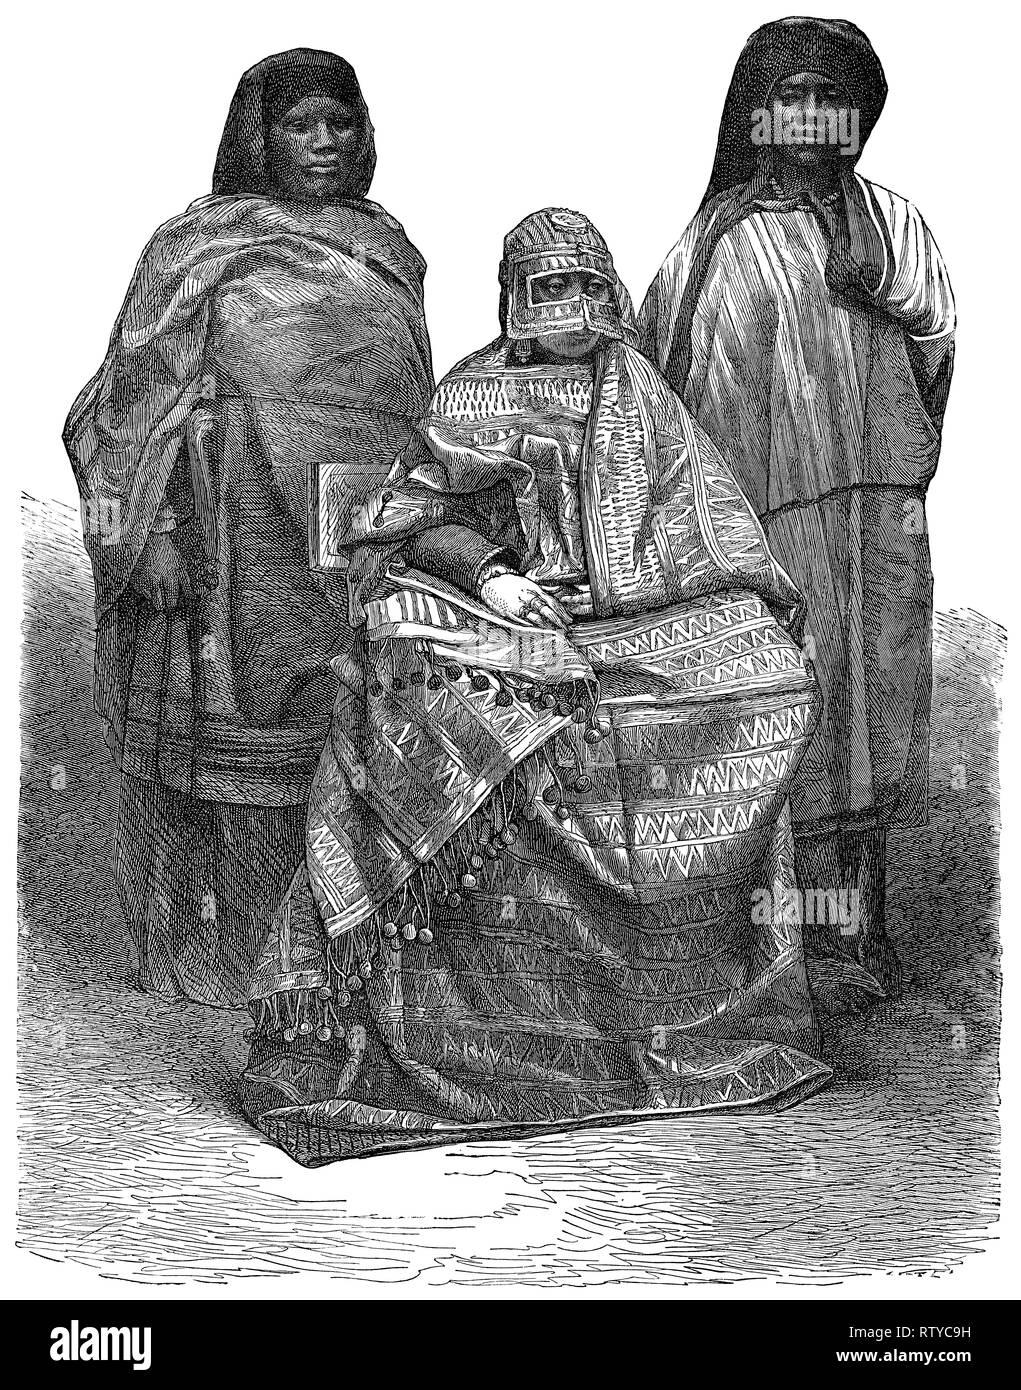 1880 vintage incisione di Regina Jumbe-Souli dell Isola di Mohéli (ora parte di Comore) e i suoi assistenti. L'incisione è tratta da una fotografia scattata nel 1863. Immagini Stock